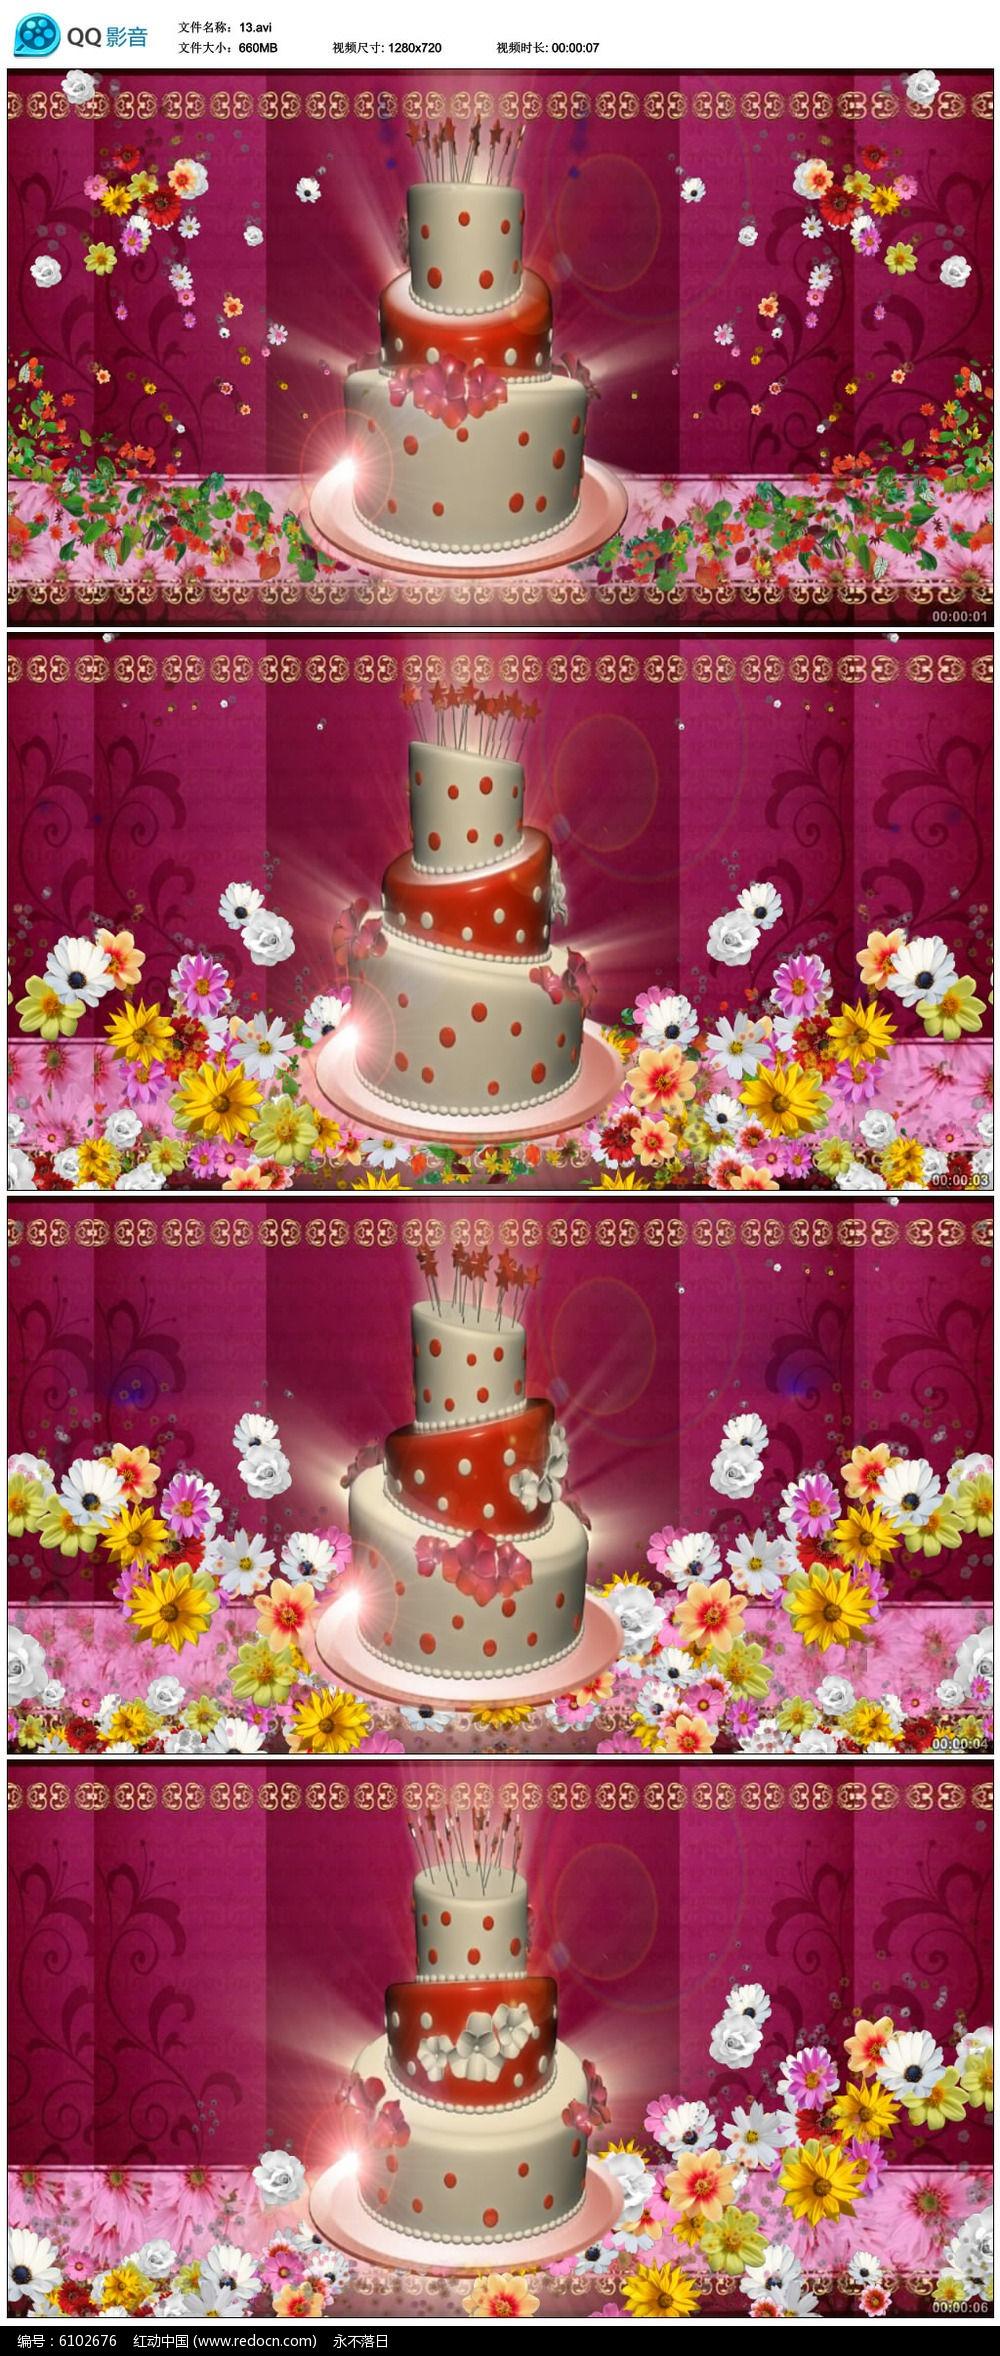 原创设计稿 视频素材/片头片尾/ae模板 led视频素材 生日蛋糕蜡烛视